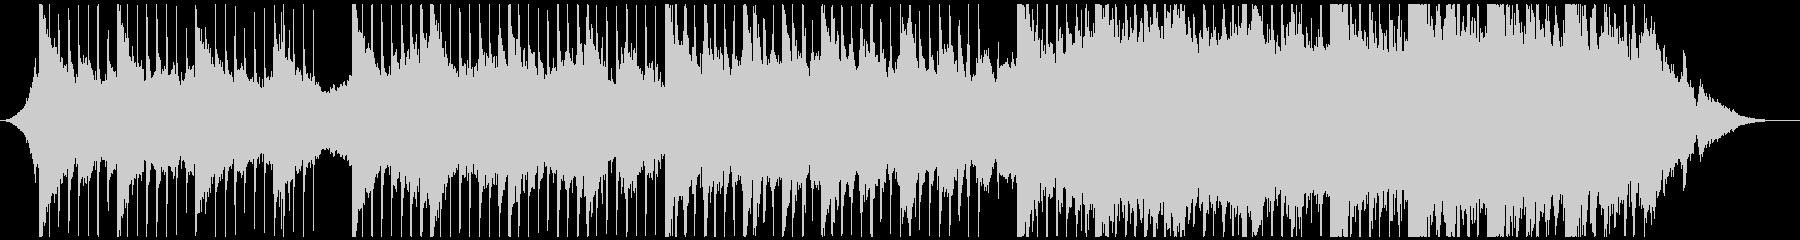 ピアノとストリングスのエモーショナル曲の未再生の波形